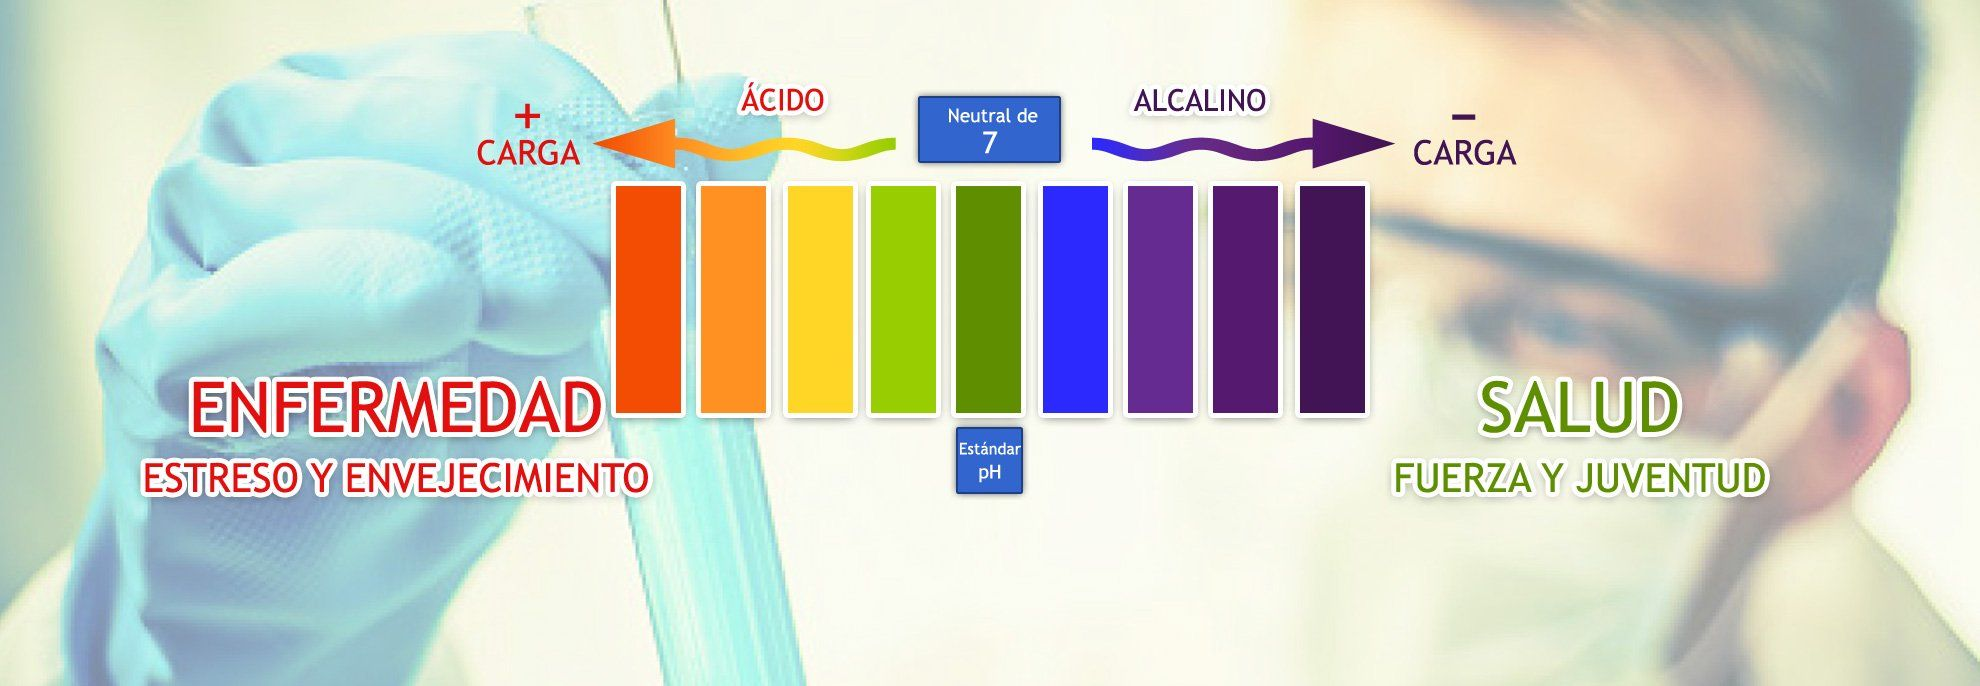 pH acido o alcalino?